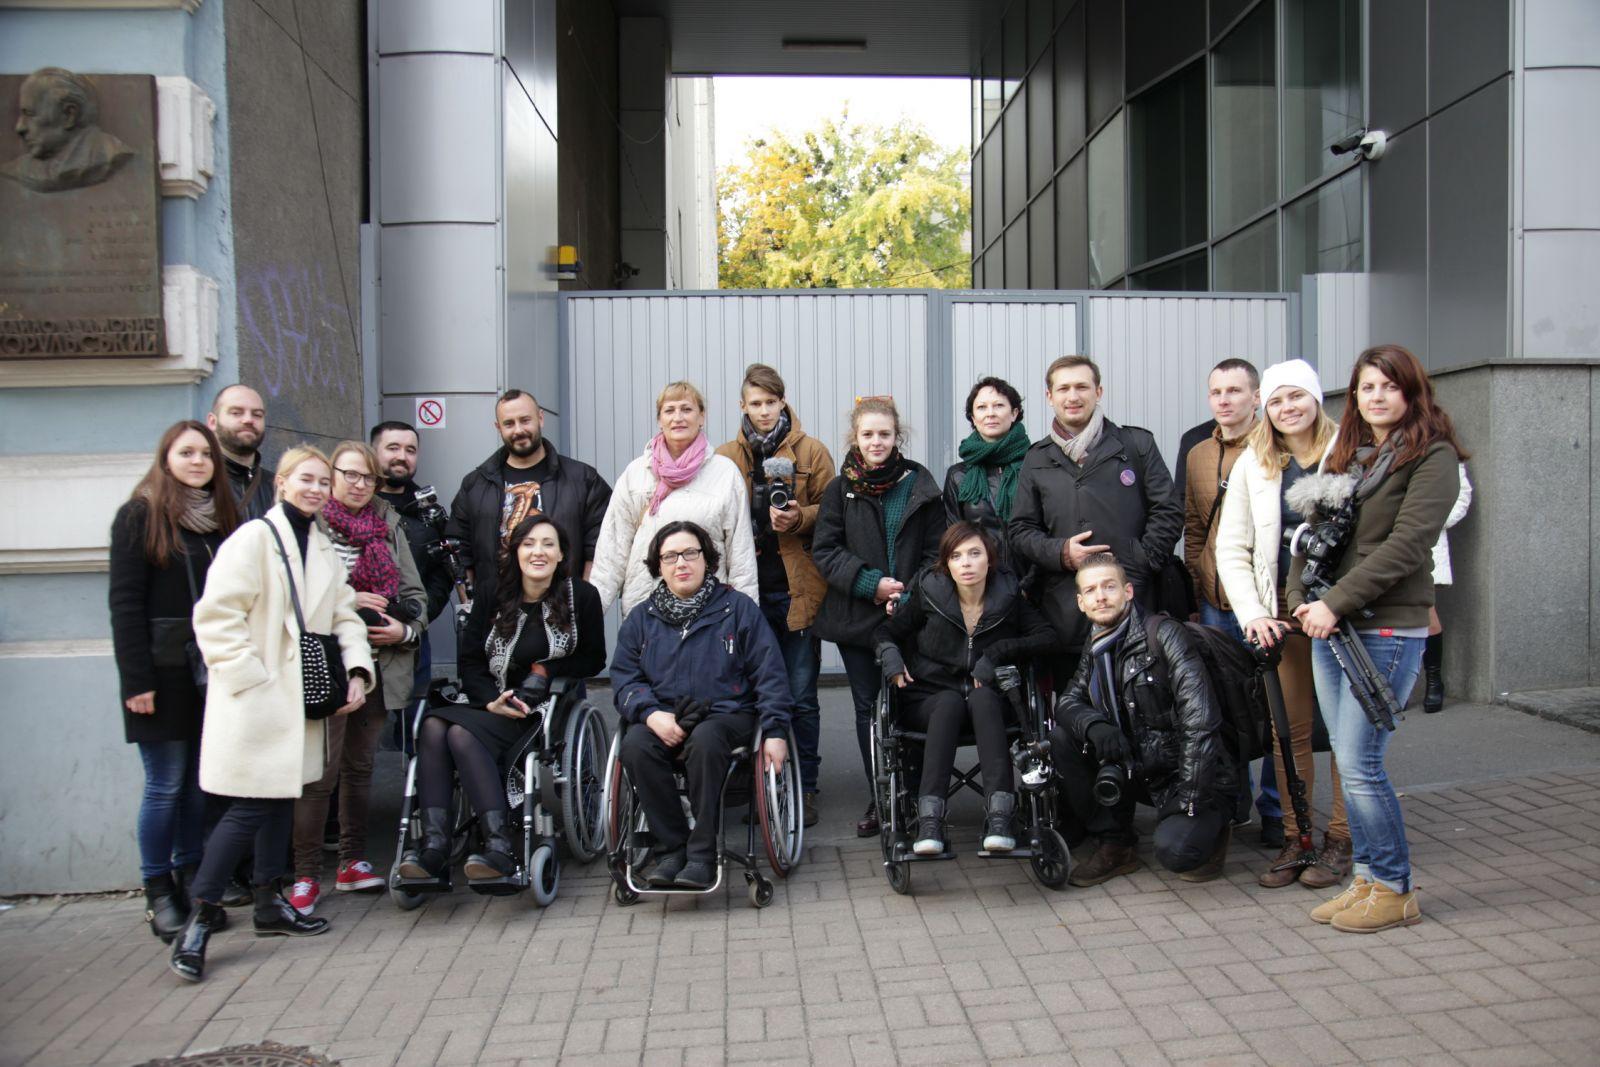 Соломия Витвицкая и Ирэна Карпа сели в инвалидные коляски и проехались по Киеву рекомендации